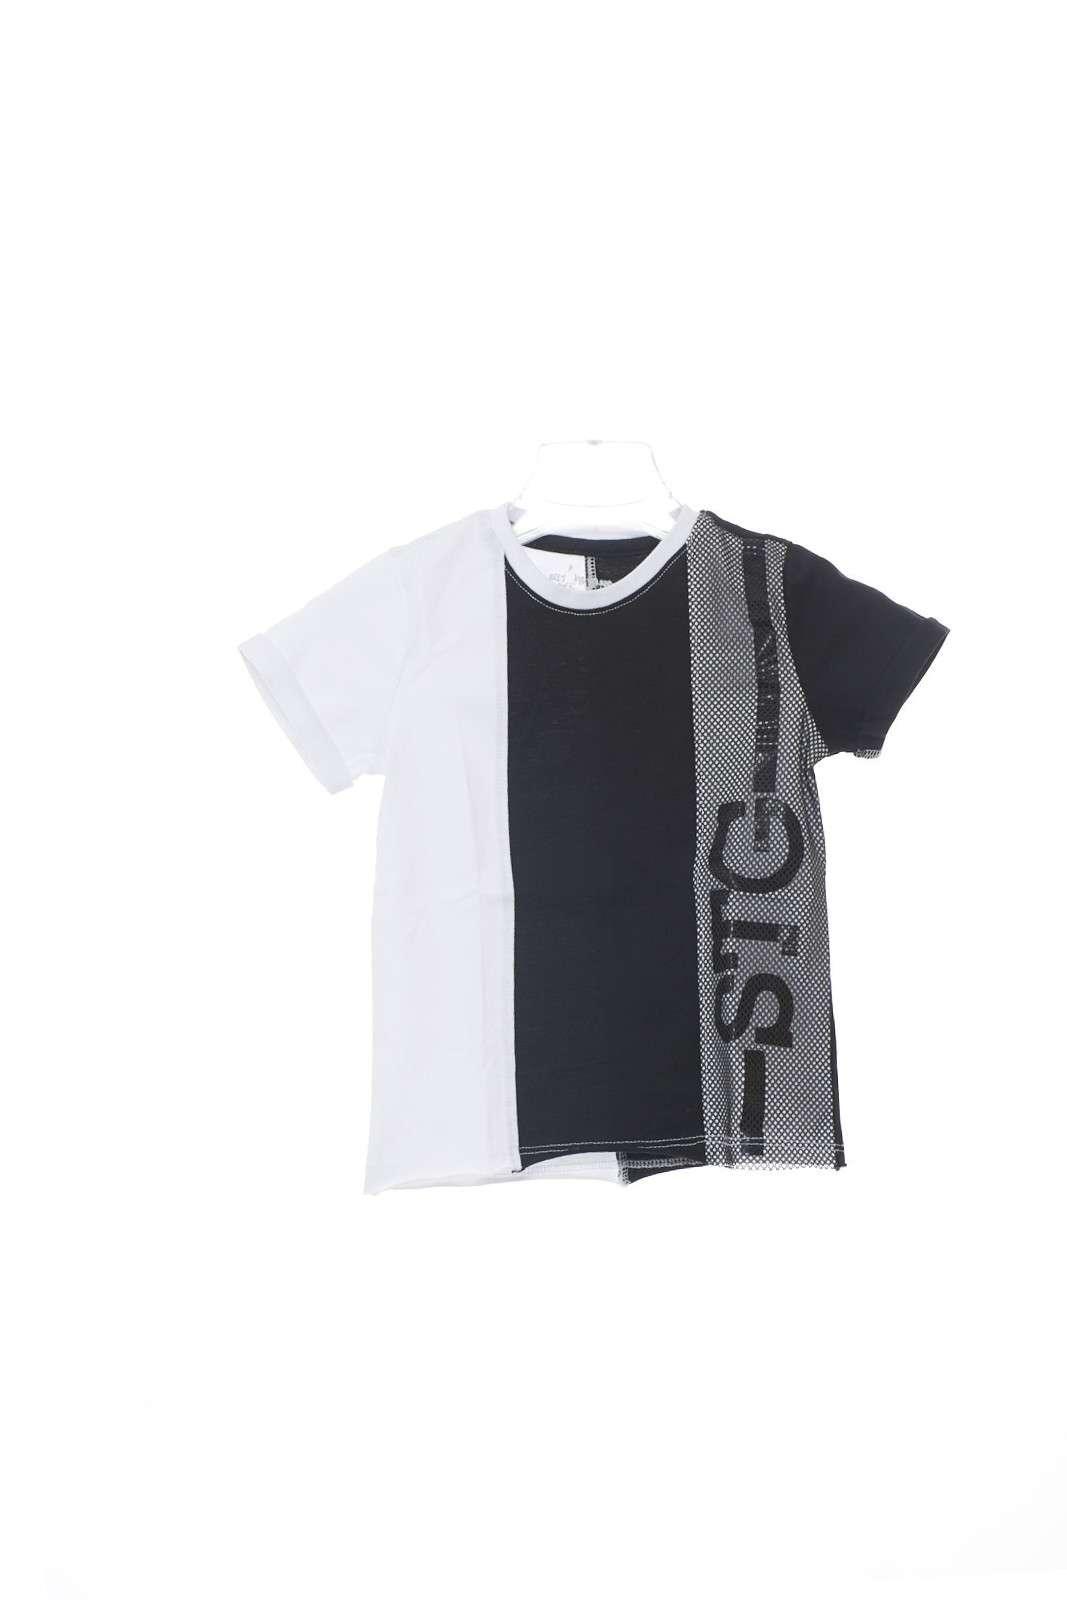 Una T shirt dal gusto quotidiano quella firmata Street Gang. Inserti in contrasto di colore a a lavorazione traforata la rendono glamour e versatile. DA indossare con gli outfit più sportivi per un look perfetto.